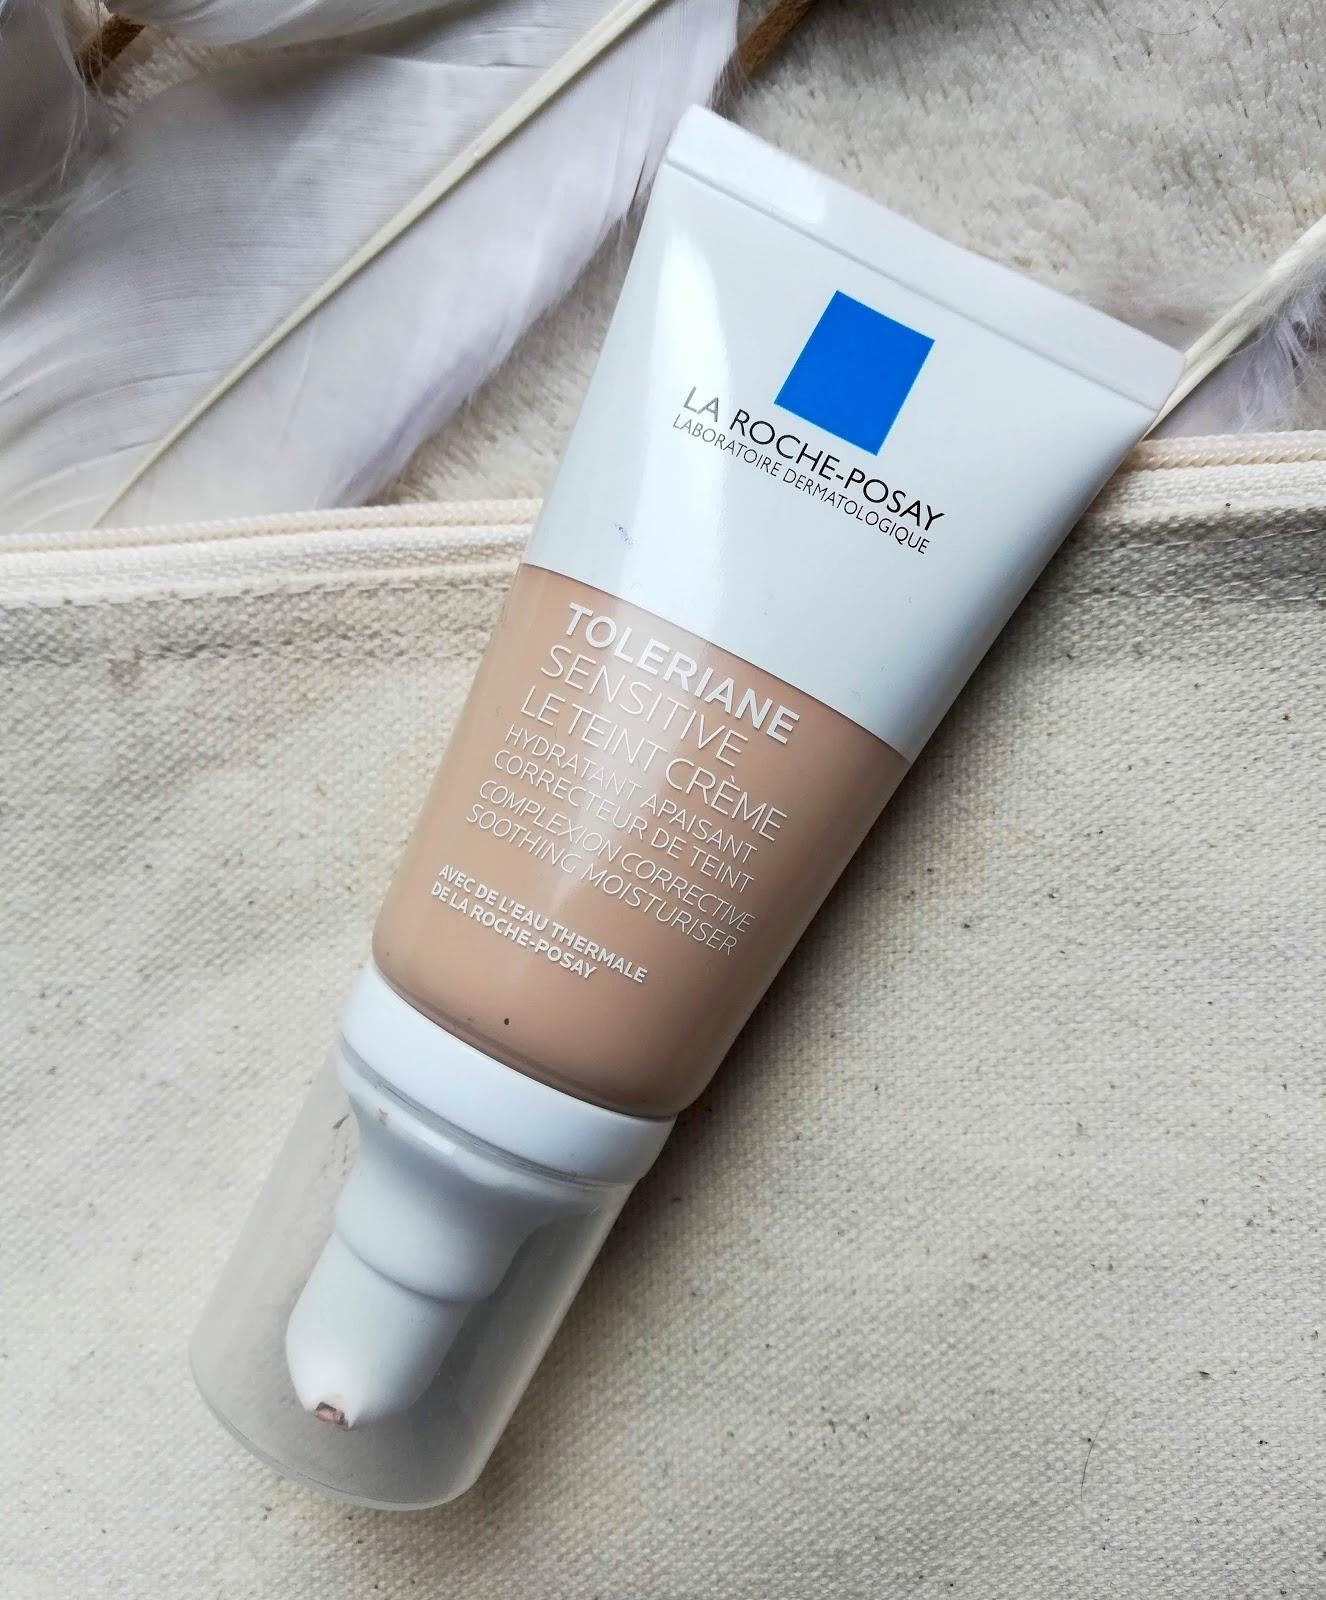 Tolériane de LA ROCHE-POSAY une gamme de produits pensée pour les peaux sensibles